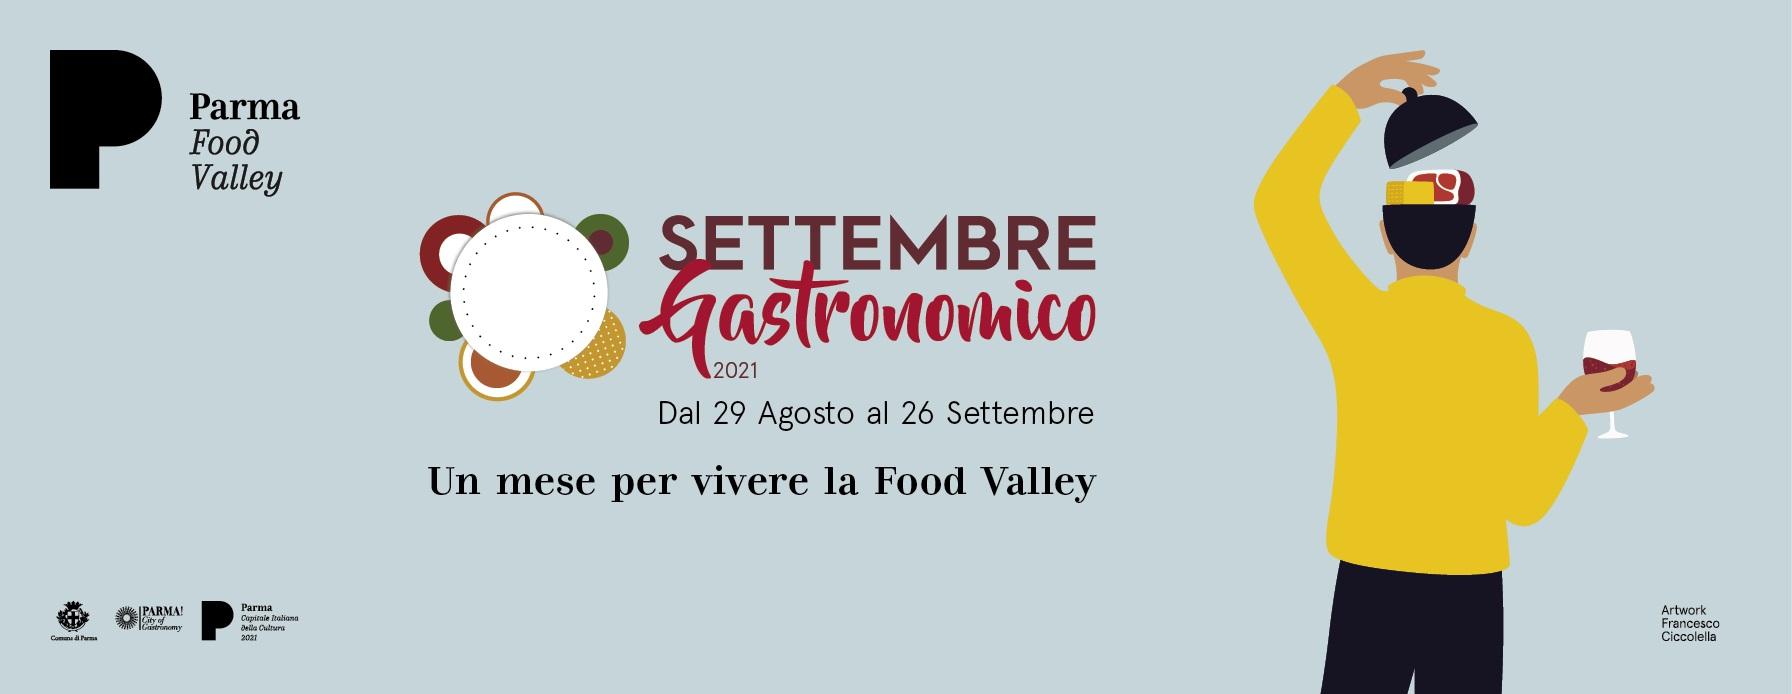 Settembre Gastronomico